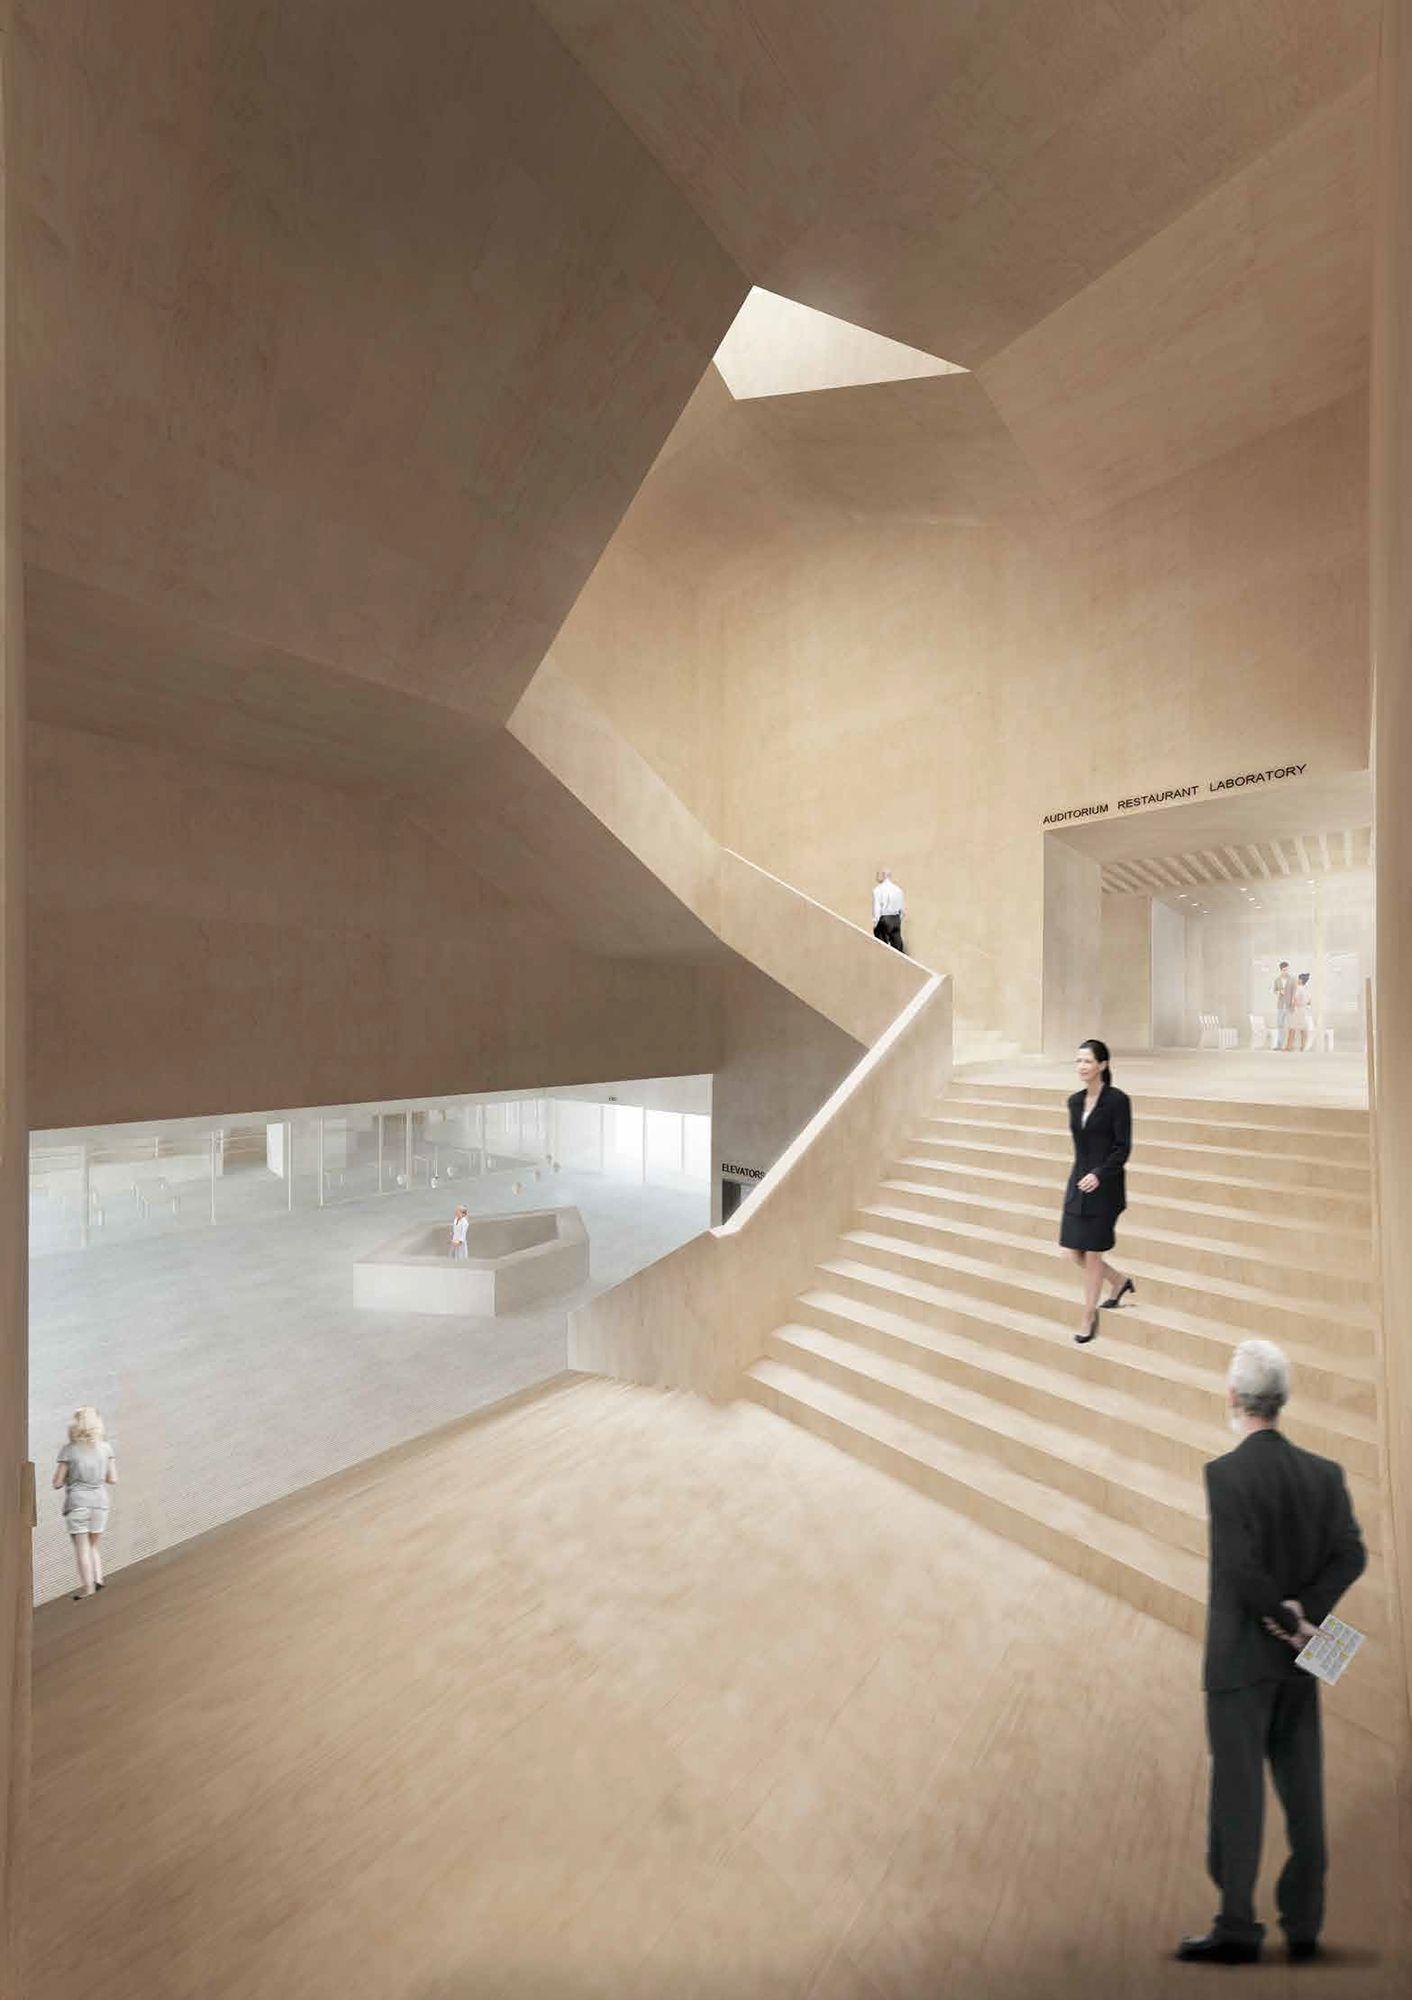 Tham-Videgård-.-Guggenheim-museum-.-Helsinki-5.jpg